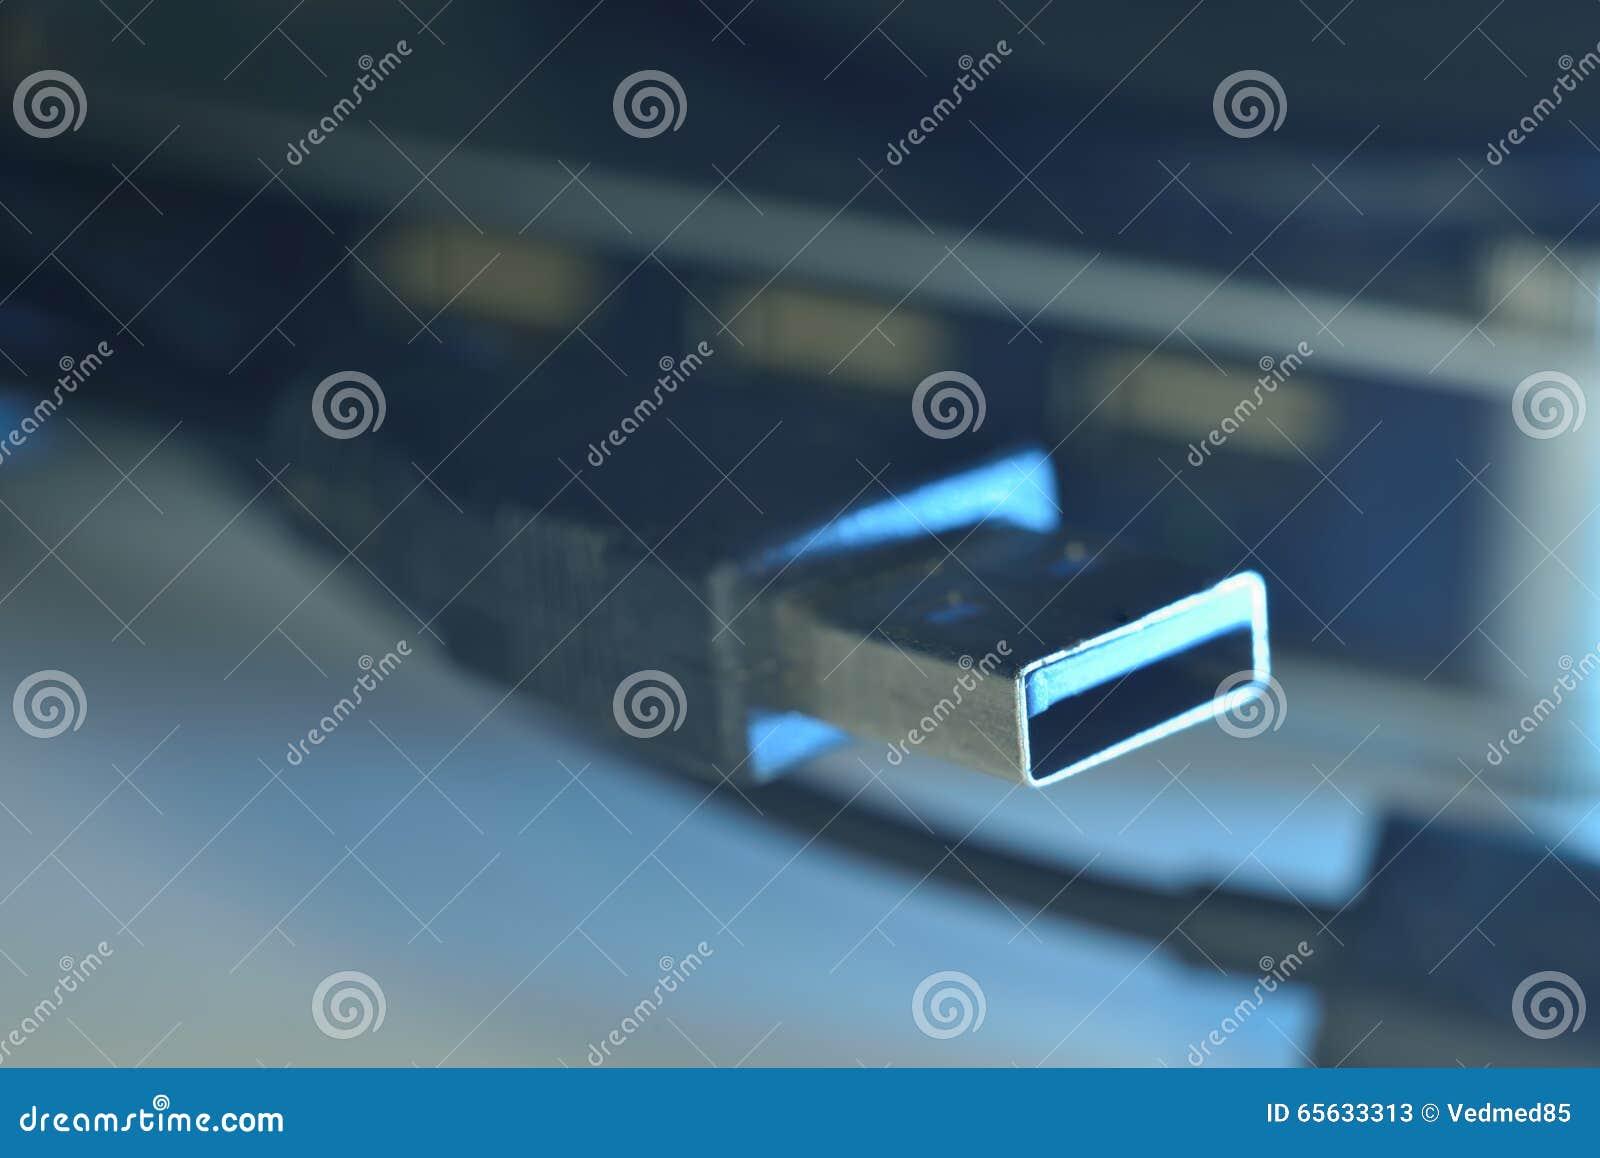 Usb bleu 3 connecteurs 0 sur le fil